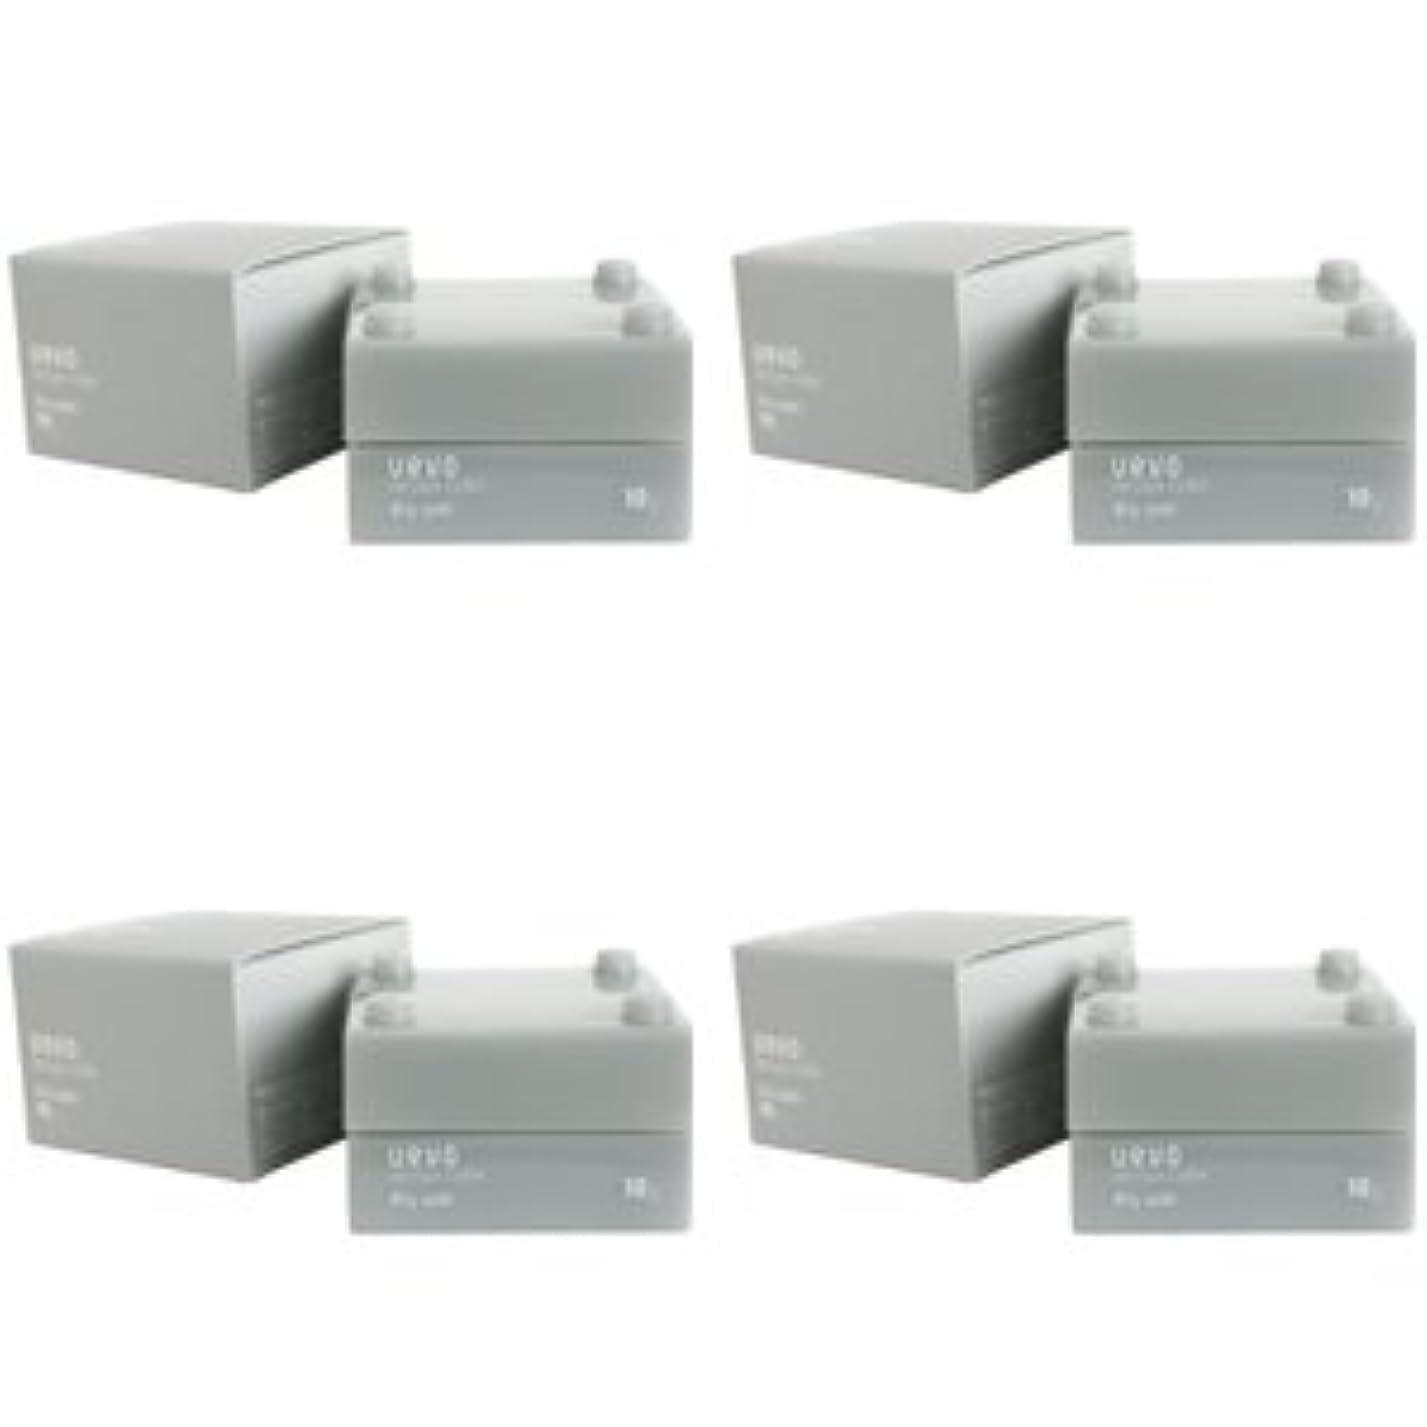 政府シャットカウント【X4個セット】 デミ ウェーボ デザインキューブ ドライワックス 30g dry wax DEMI uevo design cube